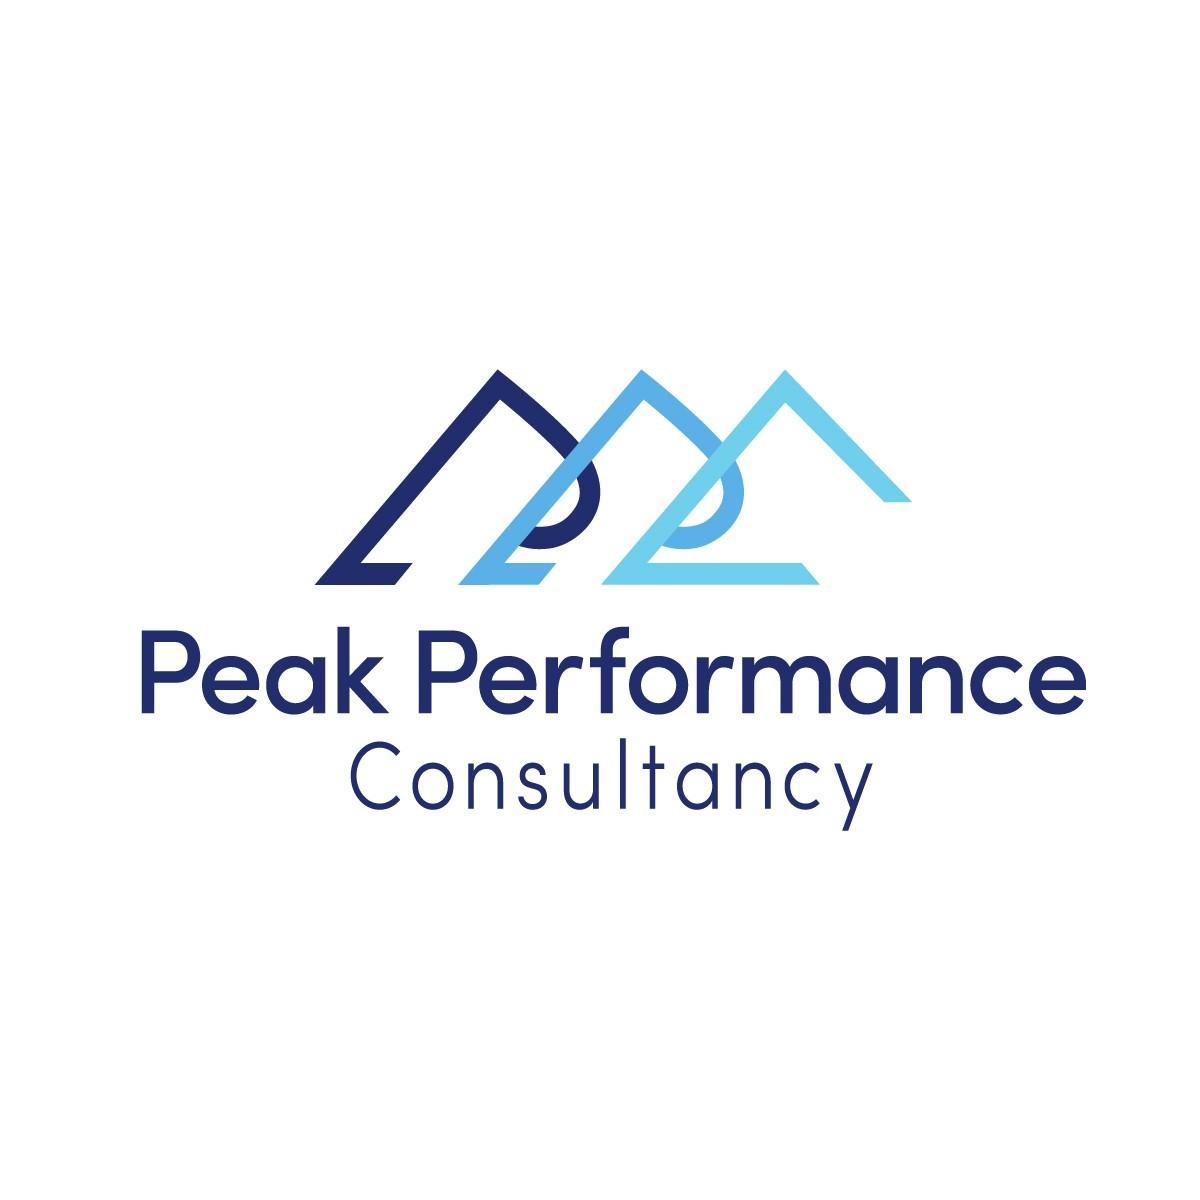 Peak Performance Consultancy